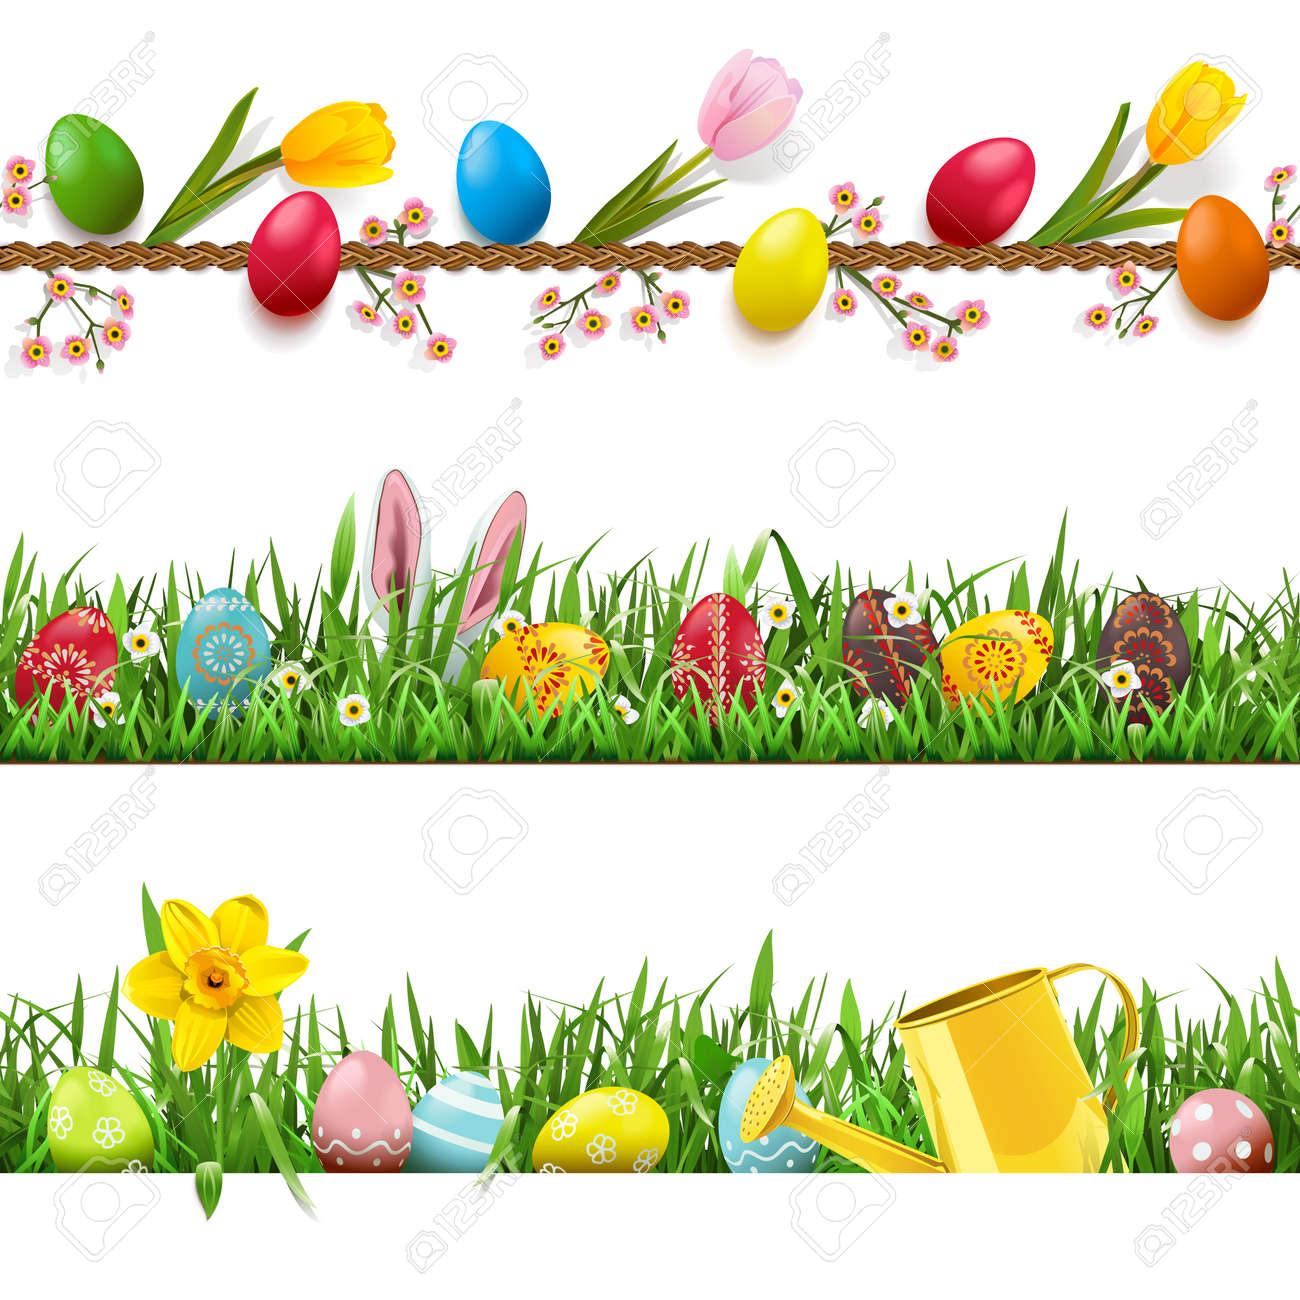 Vector Easter borders set on white - 165709102